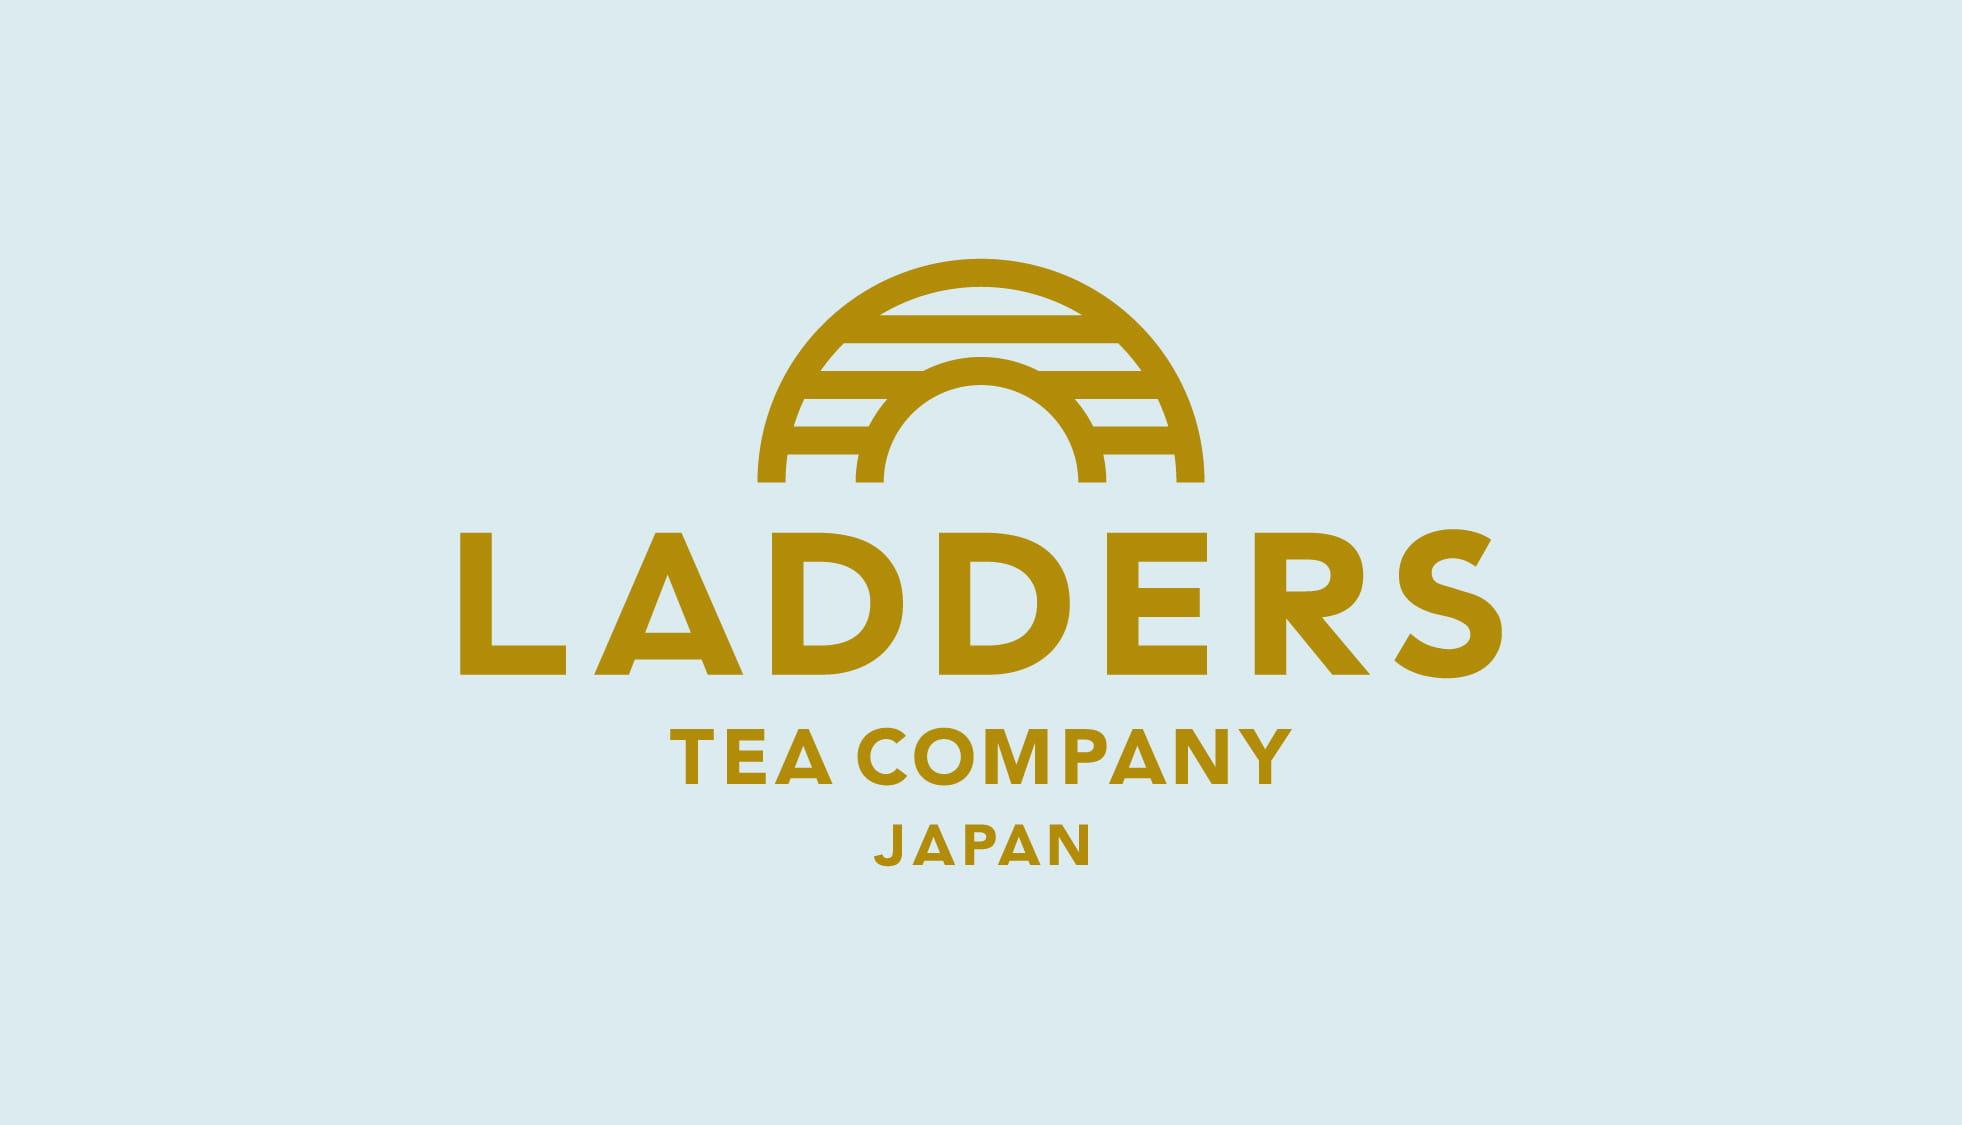 LADDERS TEA COMPANY